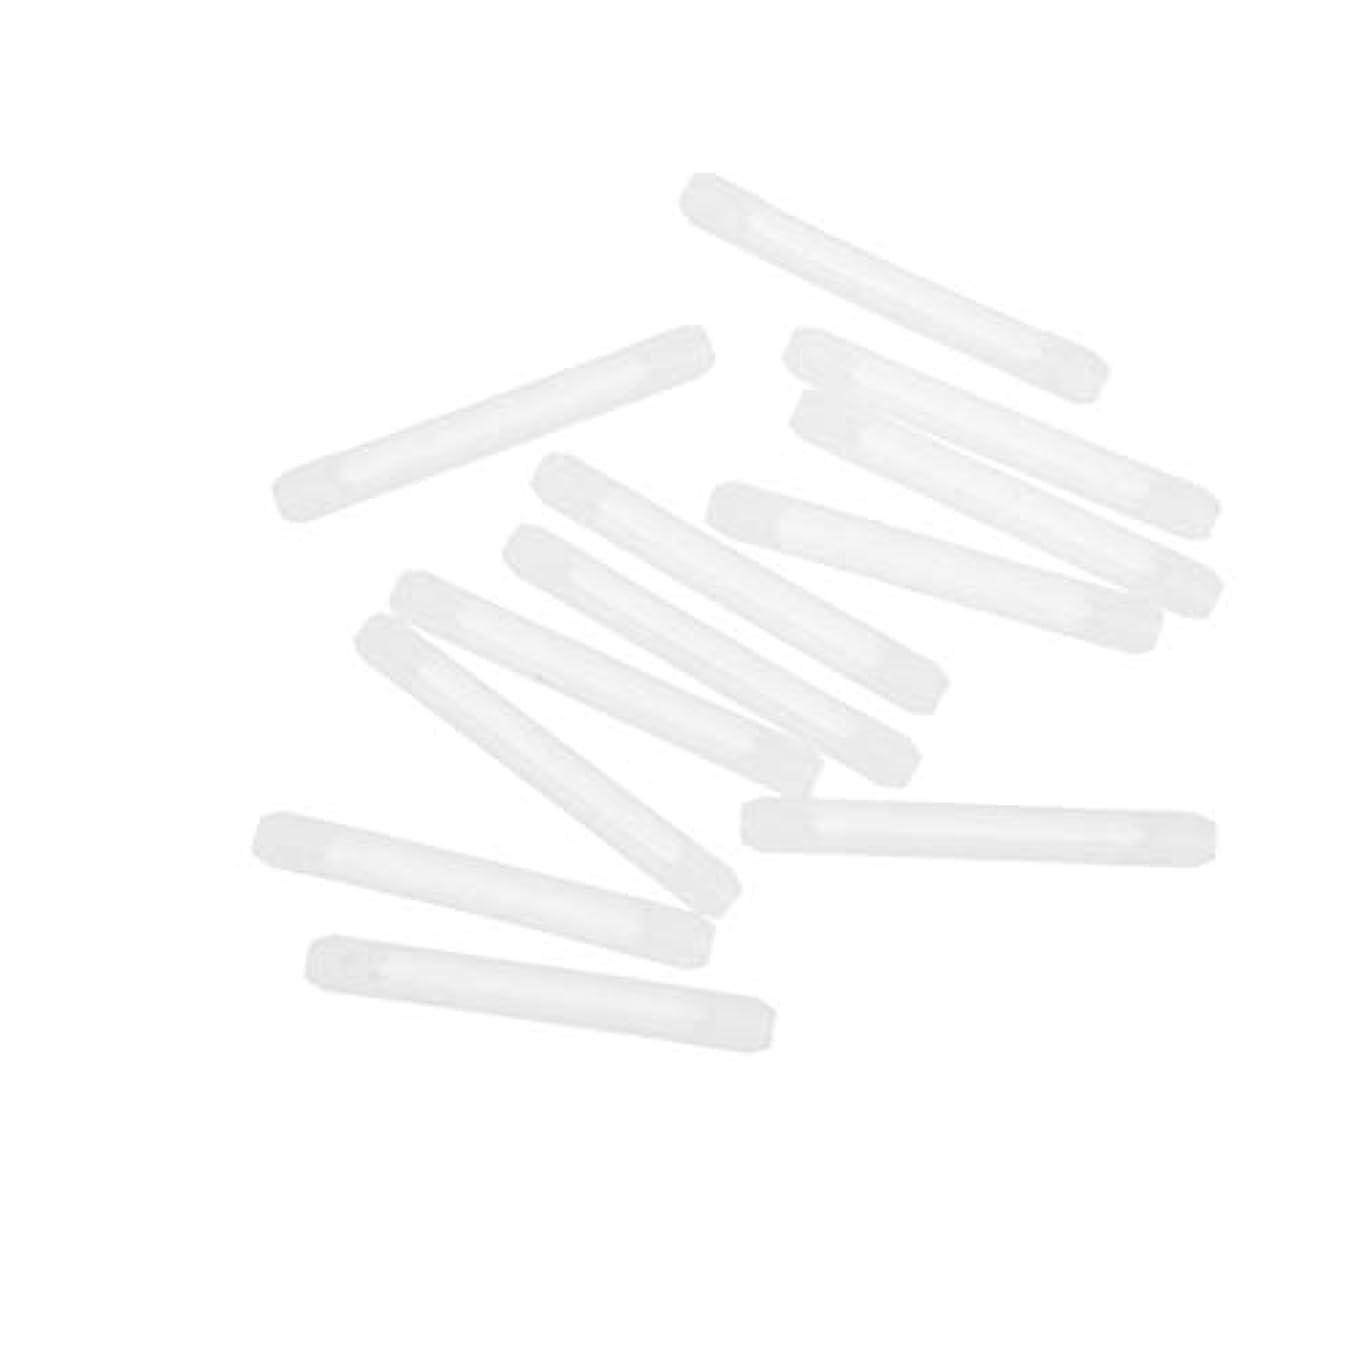 スカート集まるスイッチHealifty メガネホルダー滑り止めシリコンメガネアクセサリー20pcs(ホワイト)